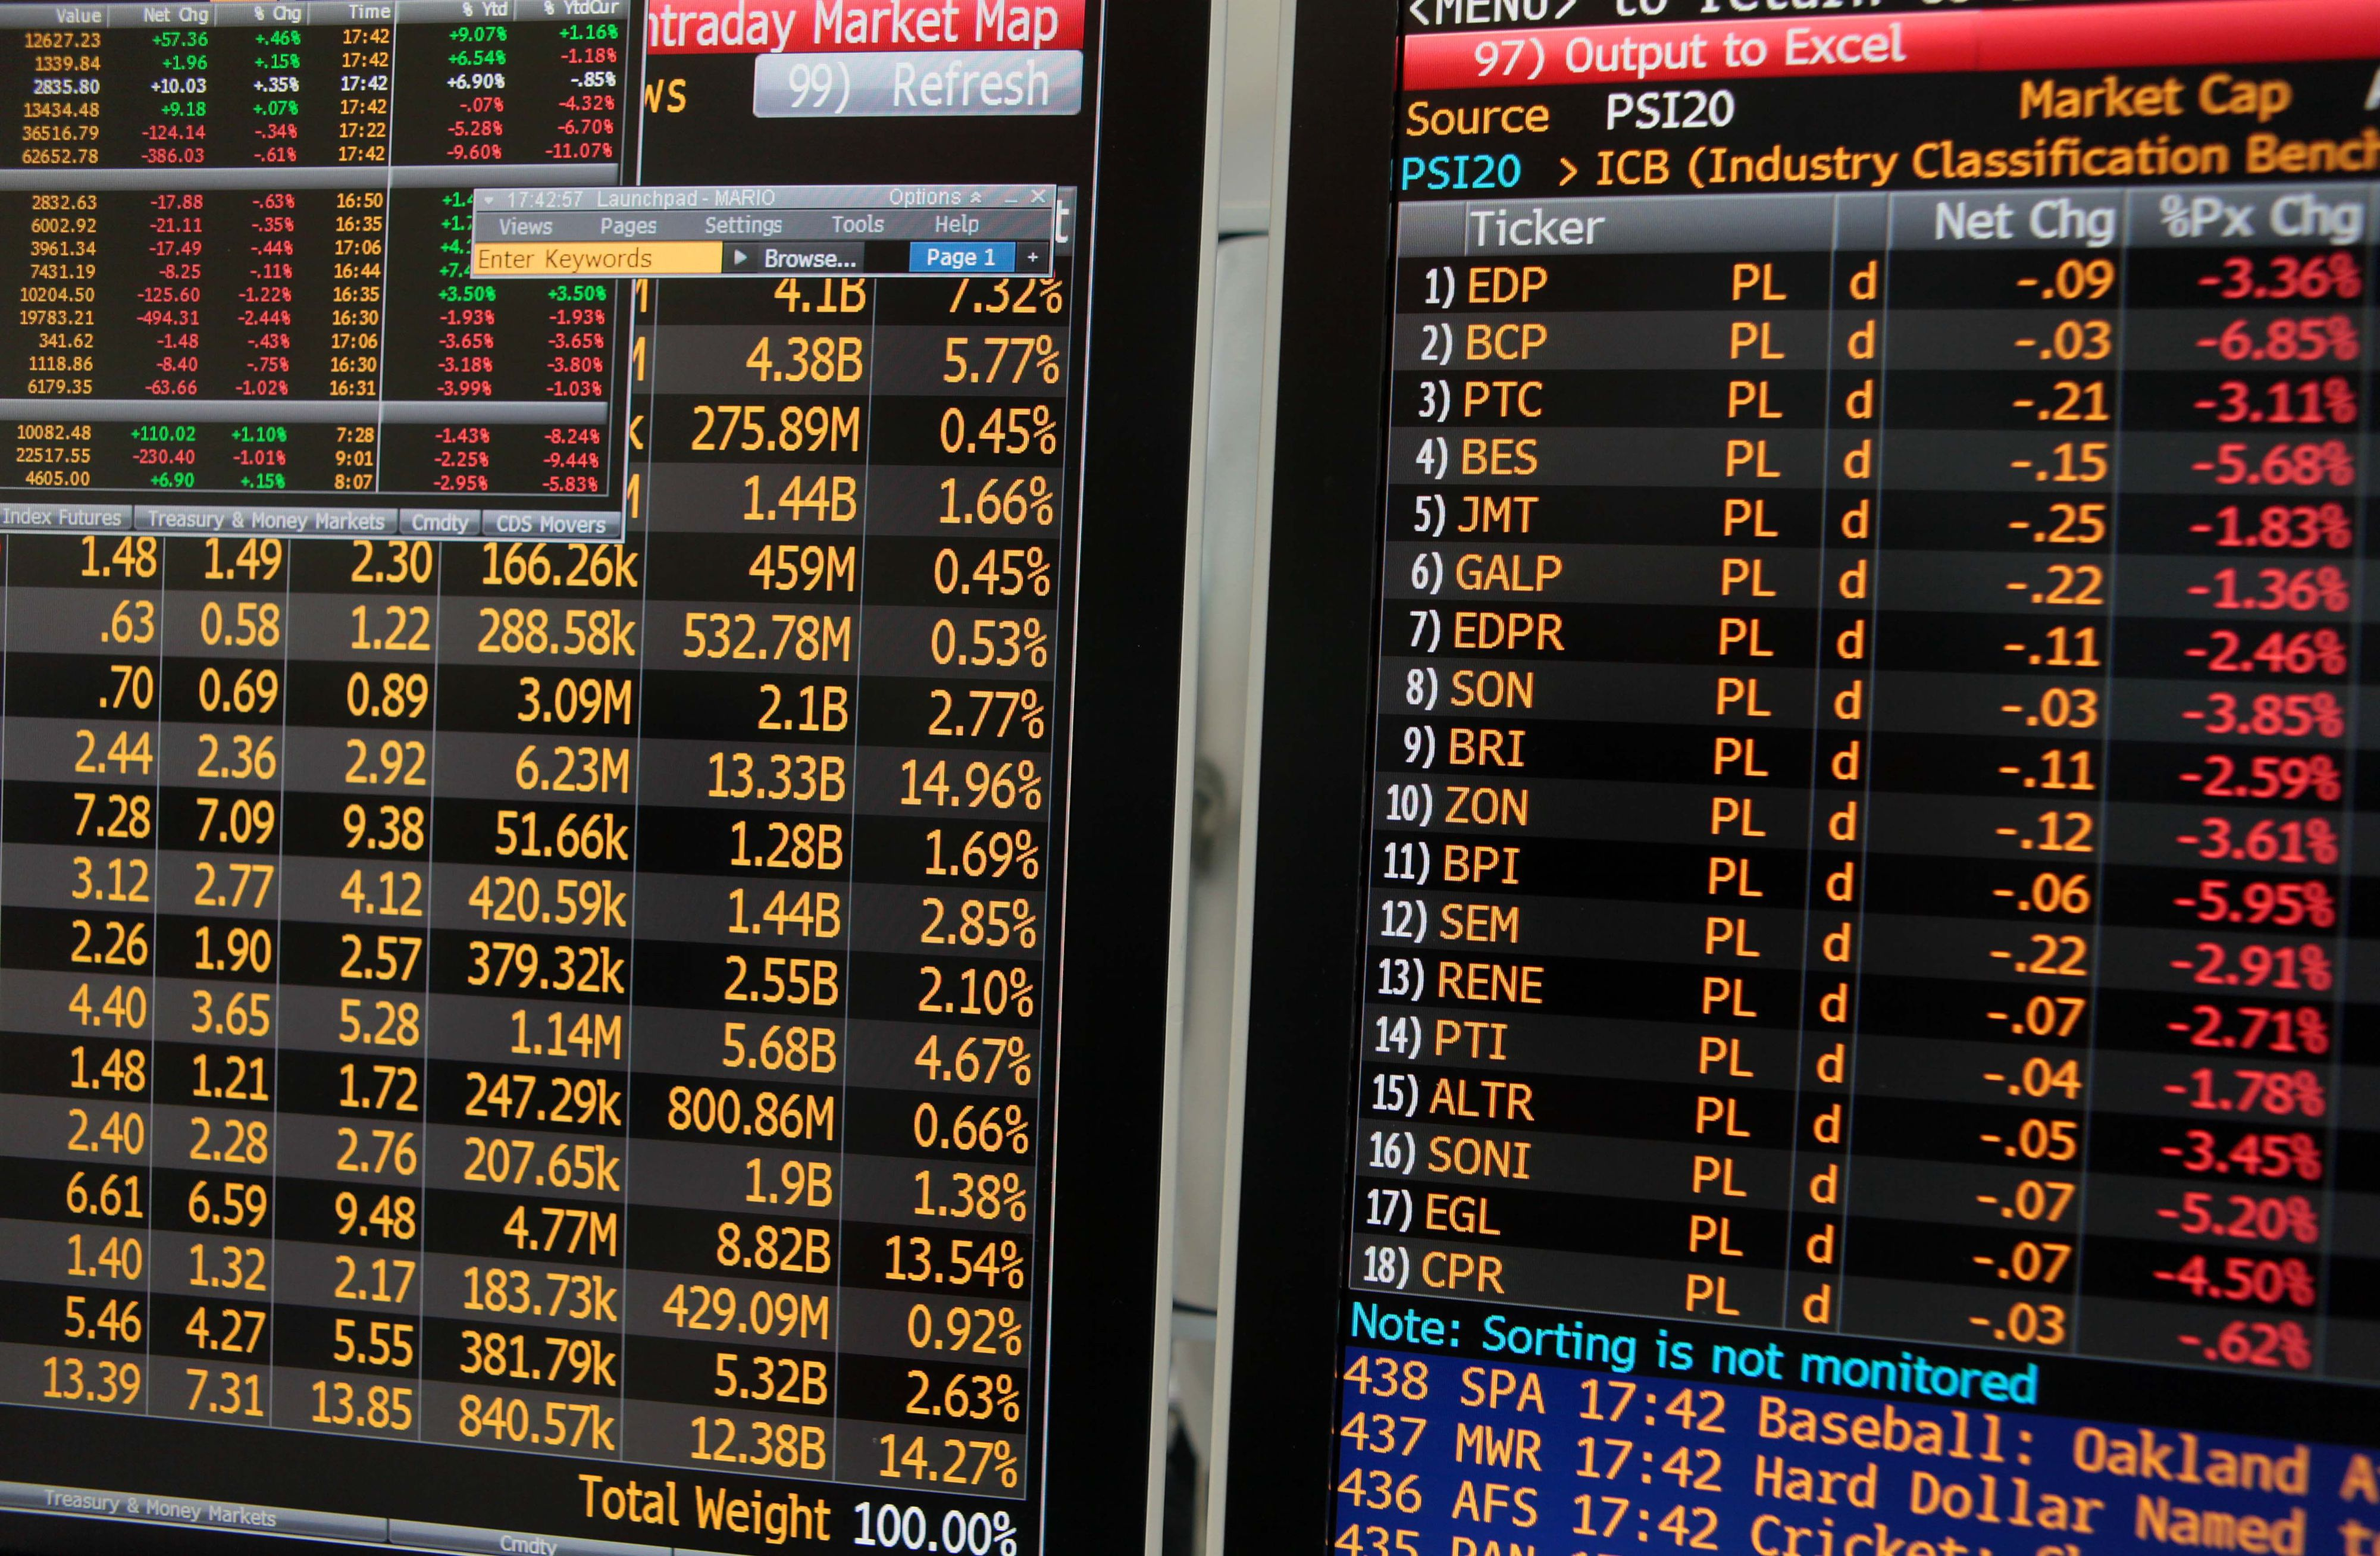 Bolsas europeias seguem negativas em sessão sem referências macroeconómicas